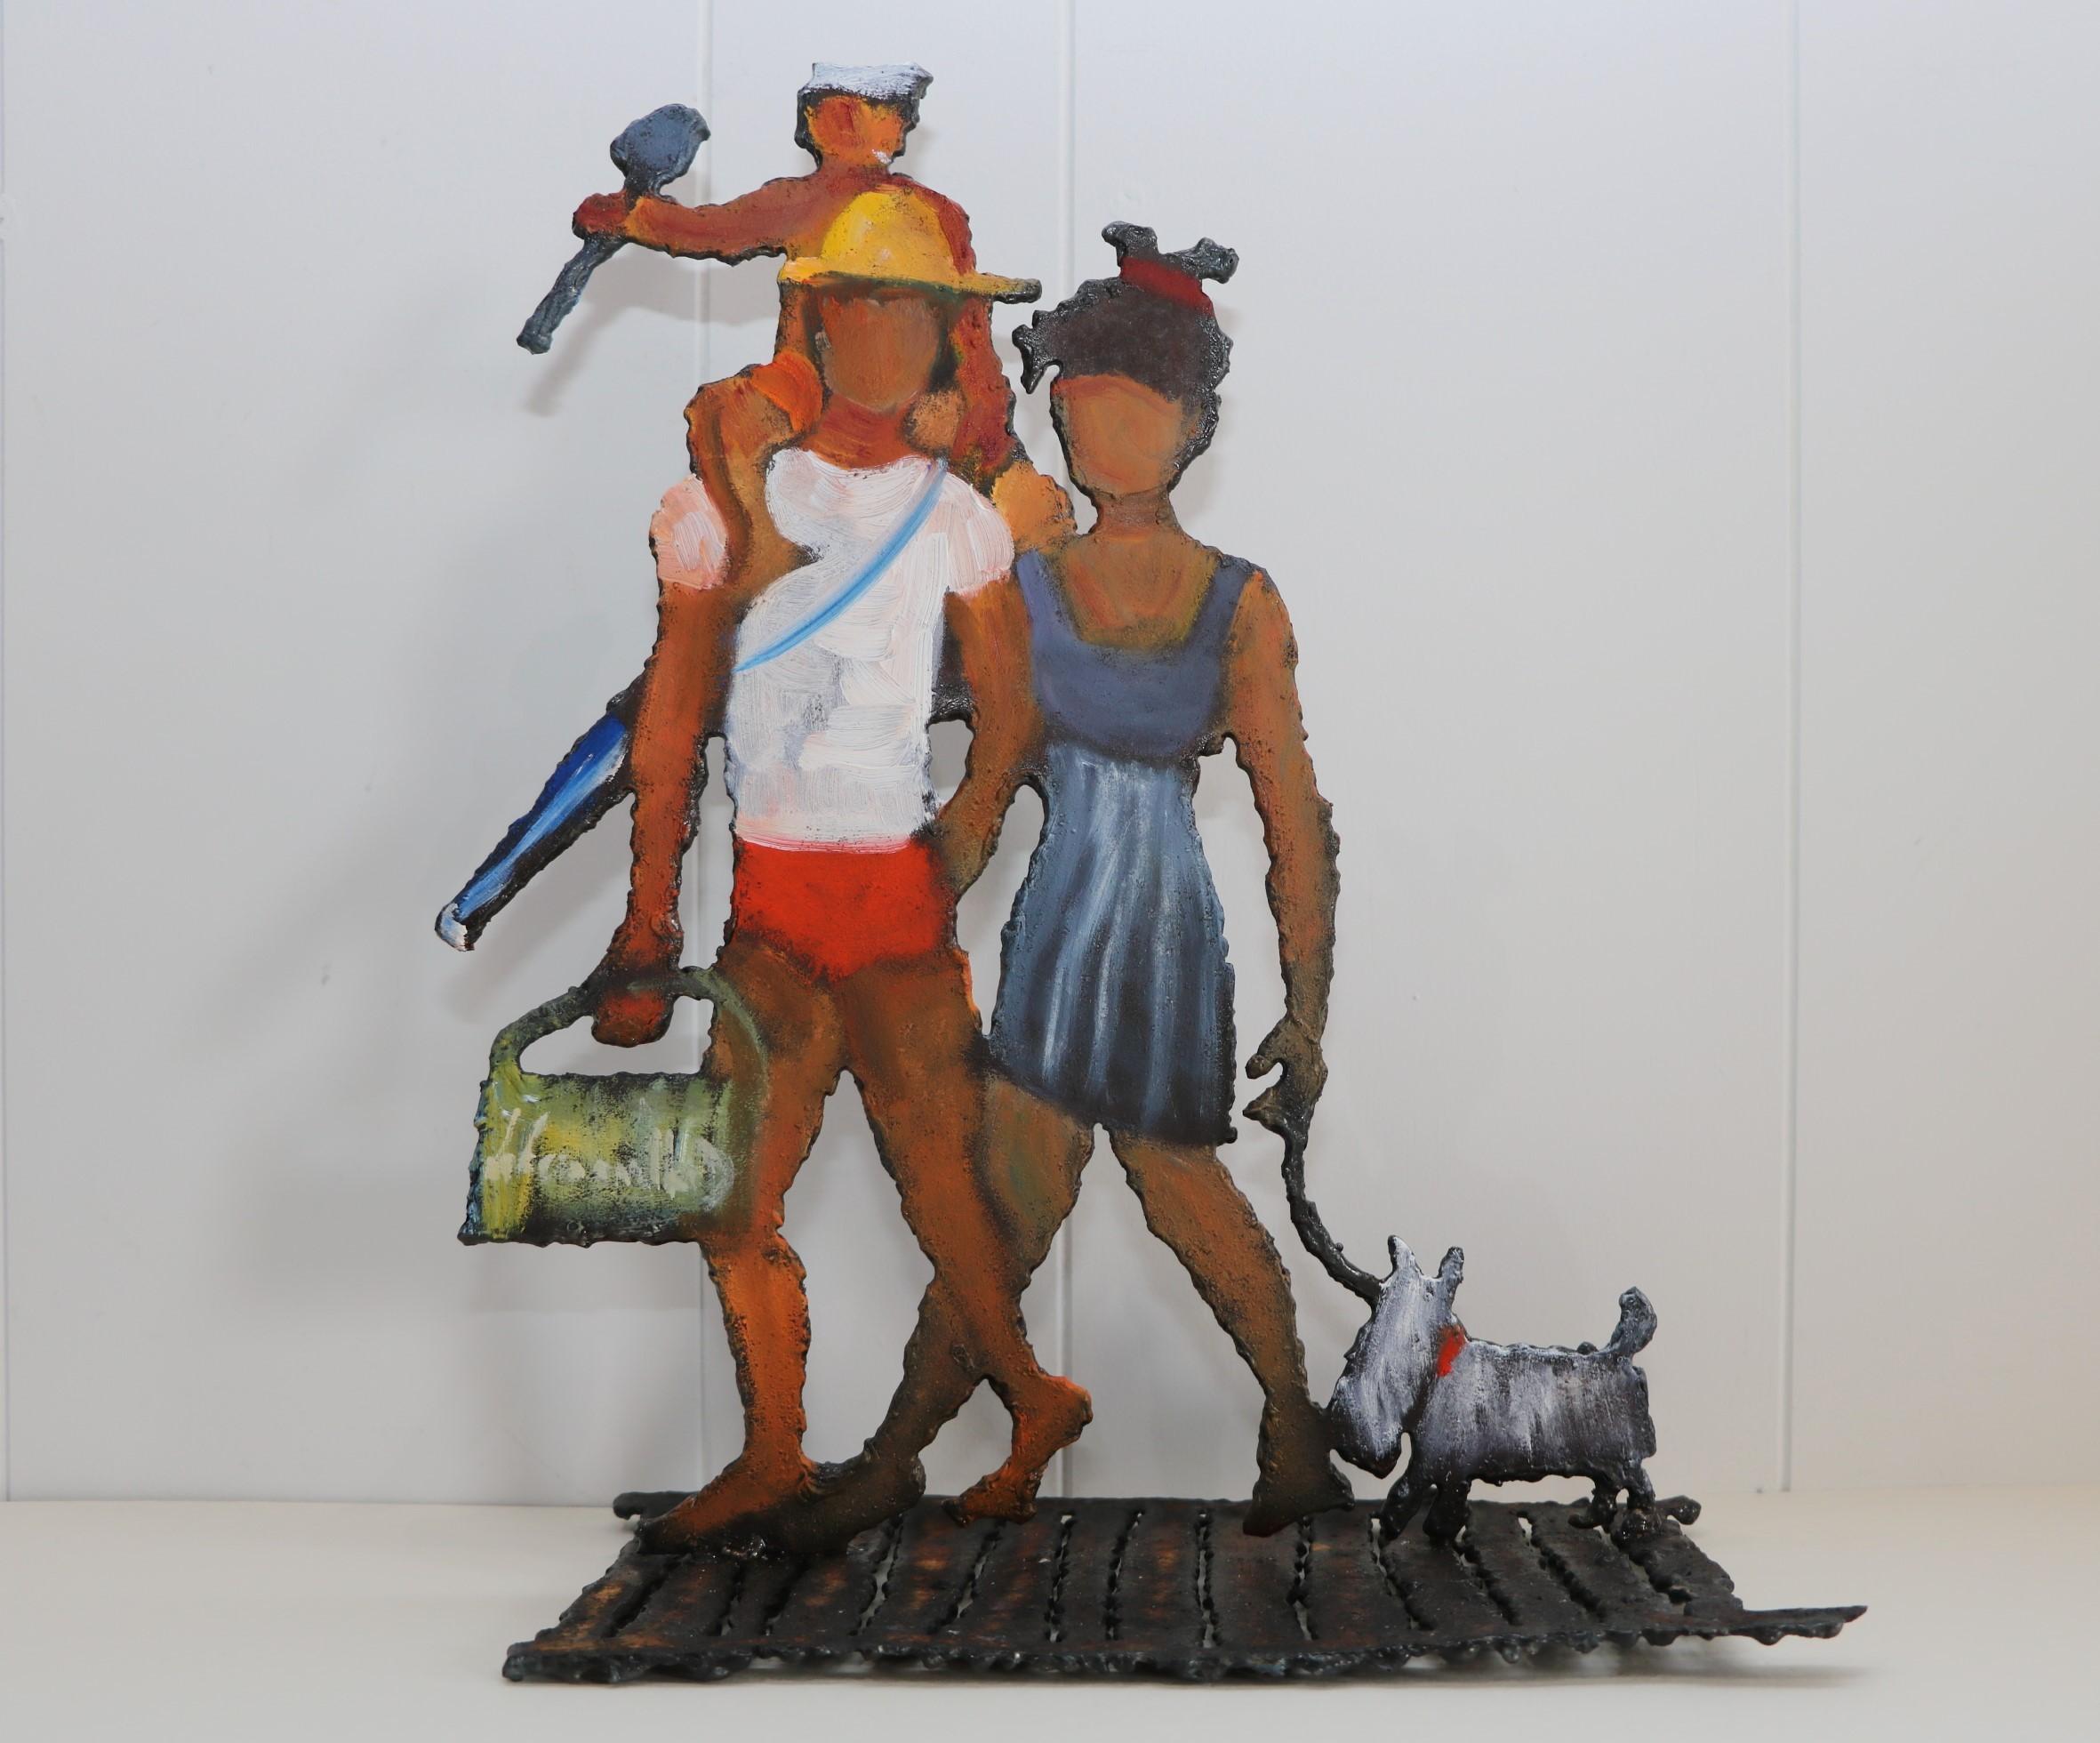 Les planches. Sculpture sur tôle. Dominique LABESSOULHE